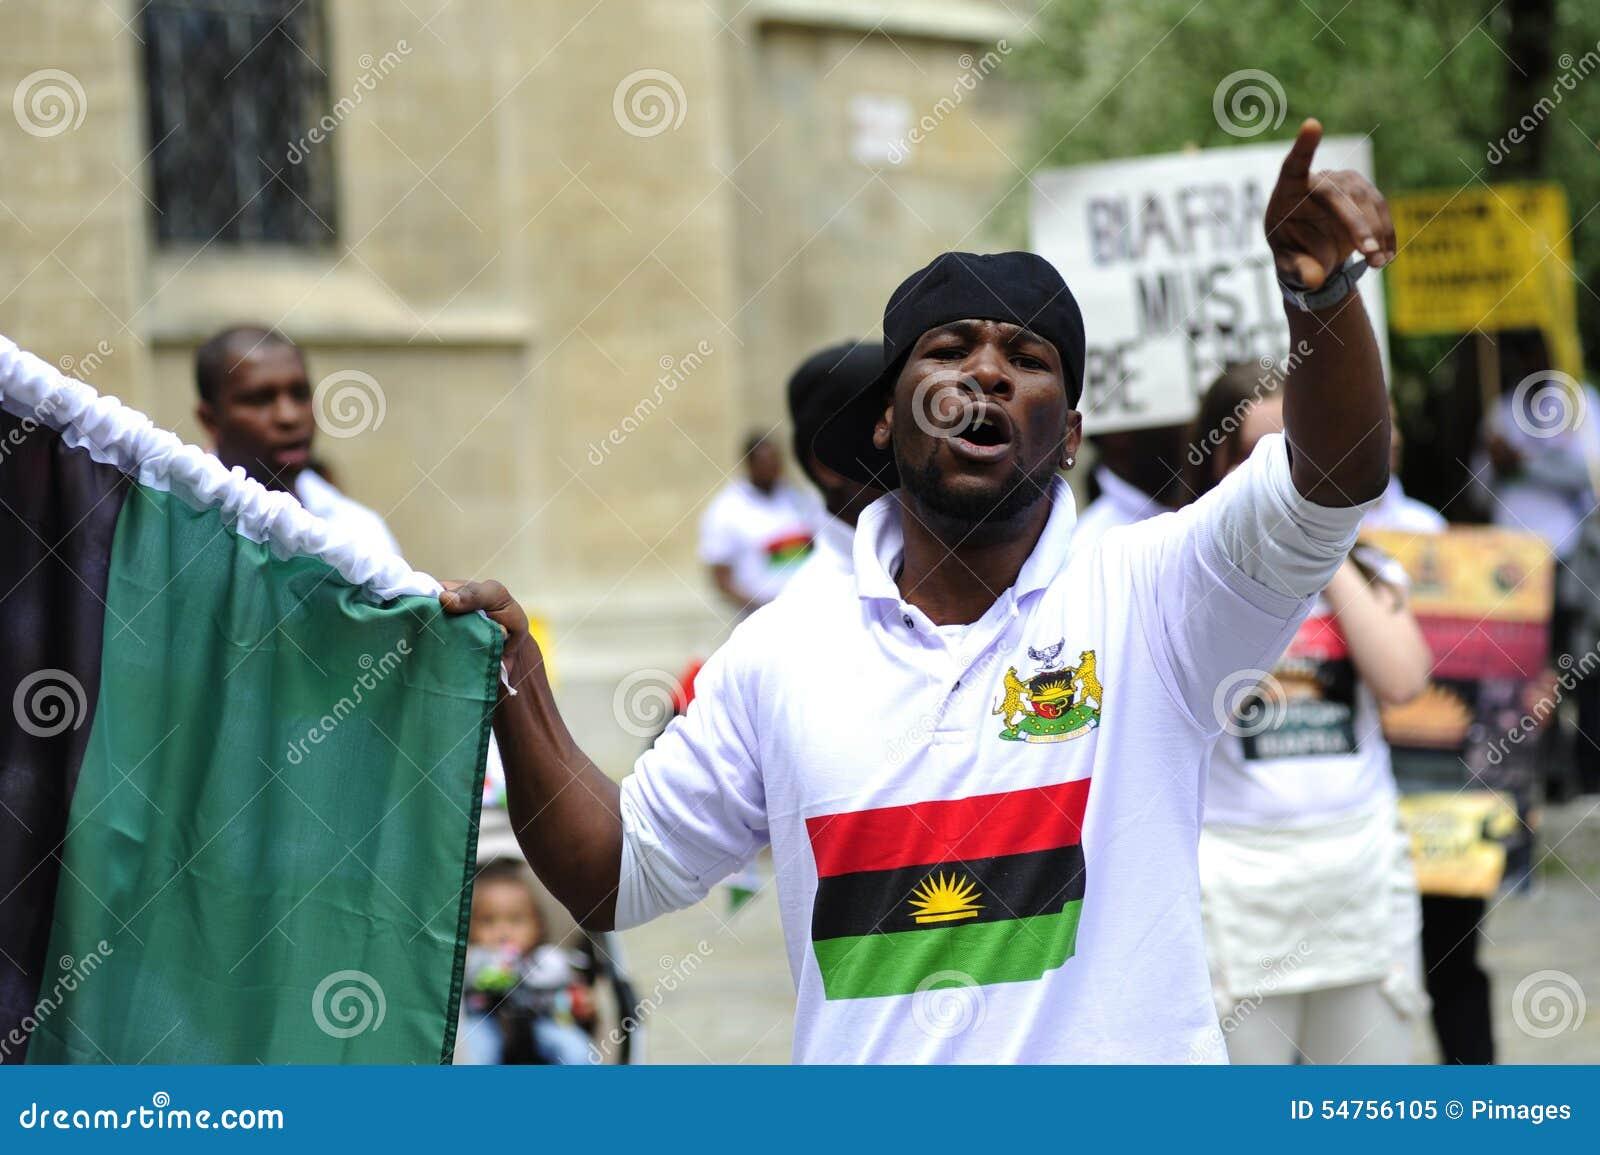 Demonstrations--Indigeniousleute von Biafra